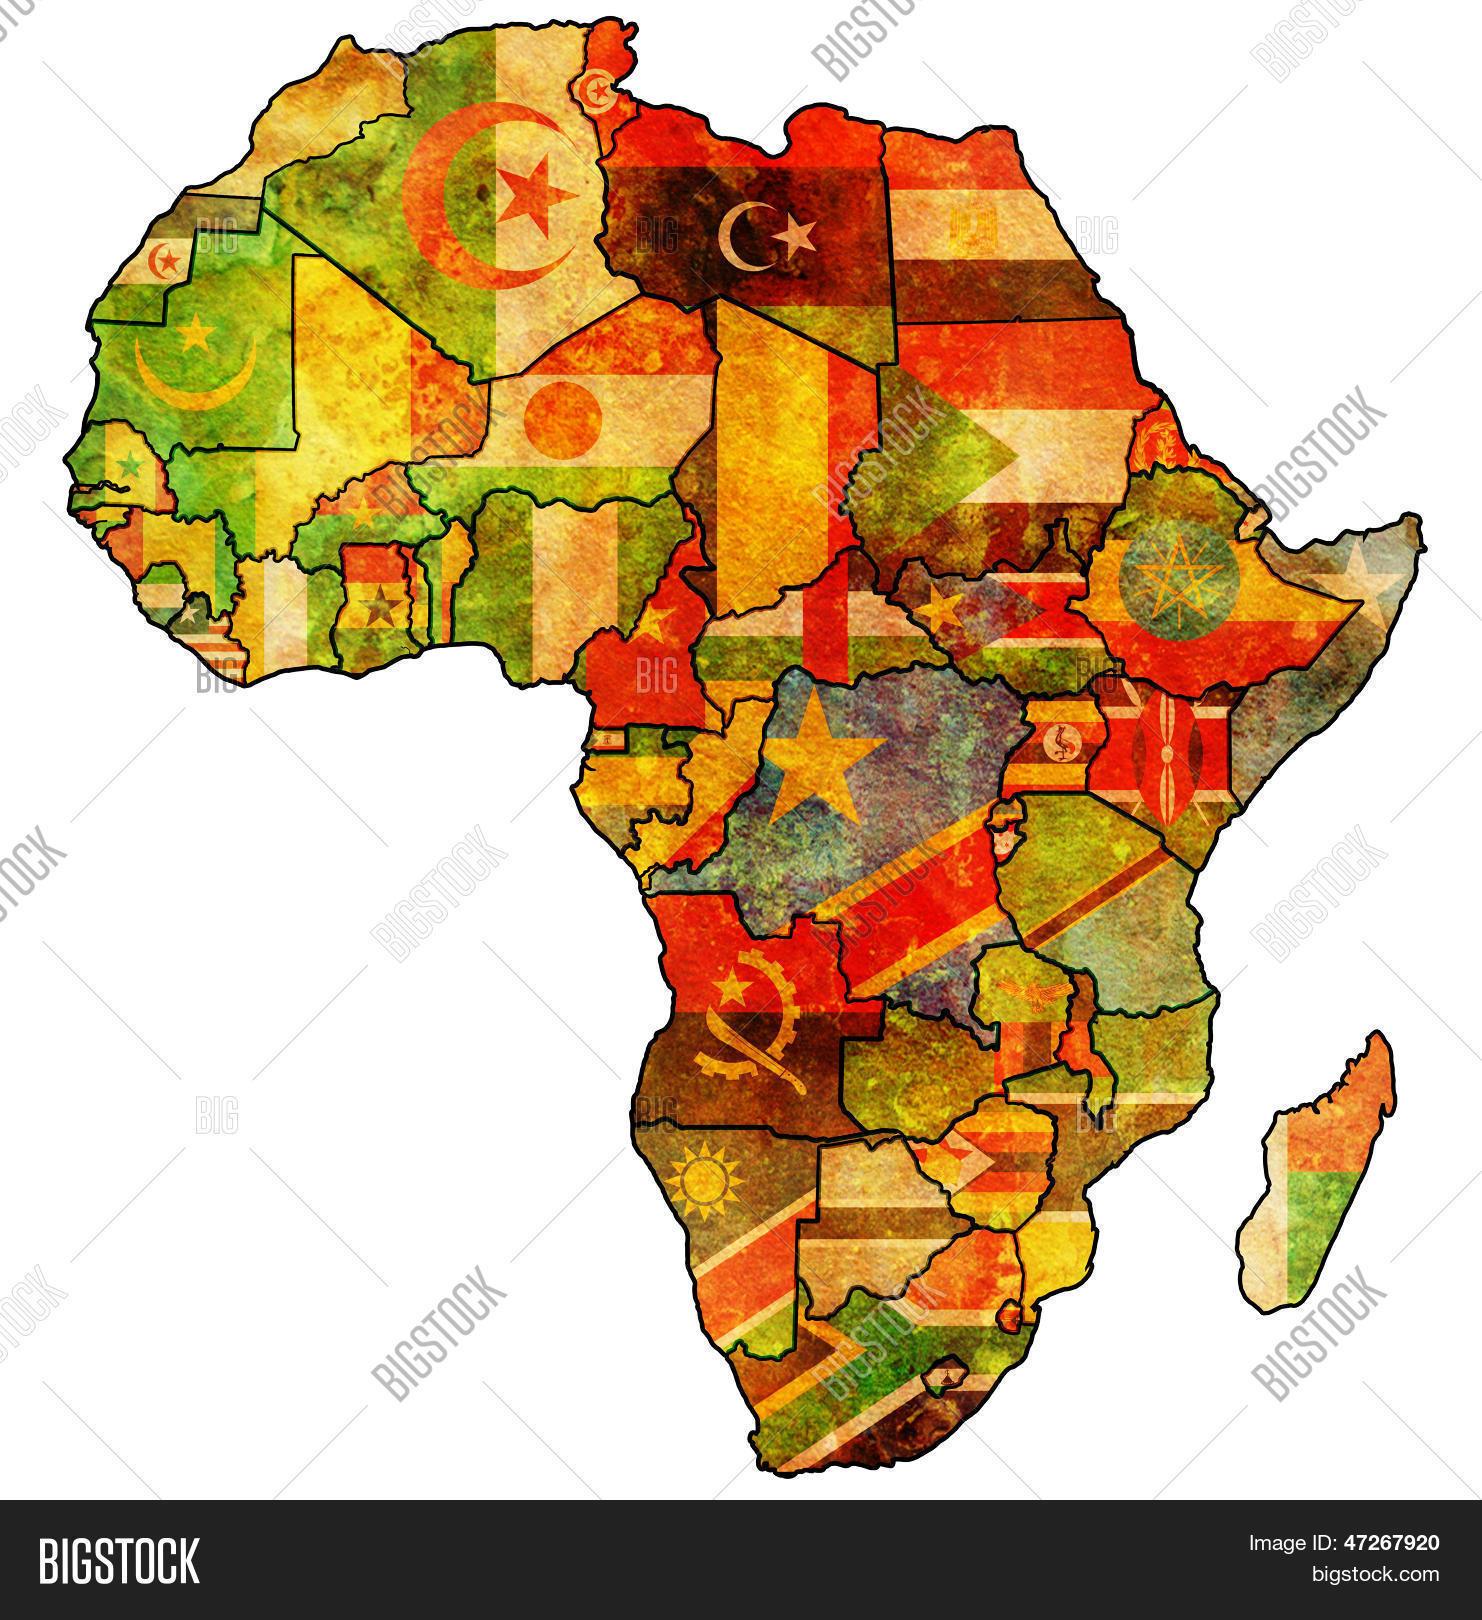 L'UNION AFRICAINE : Chronique des temps morts